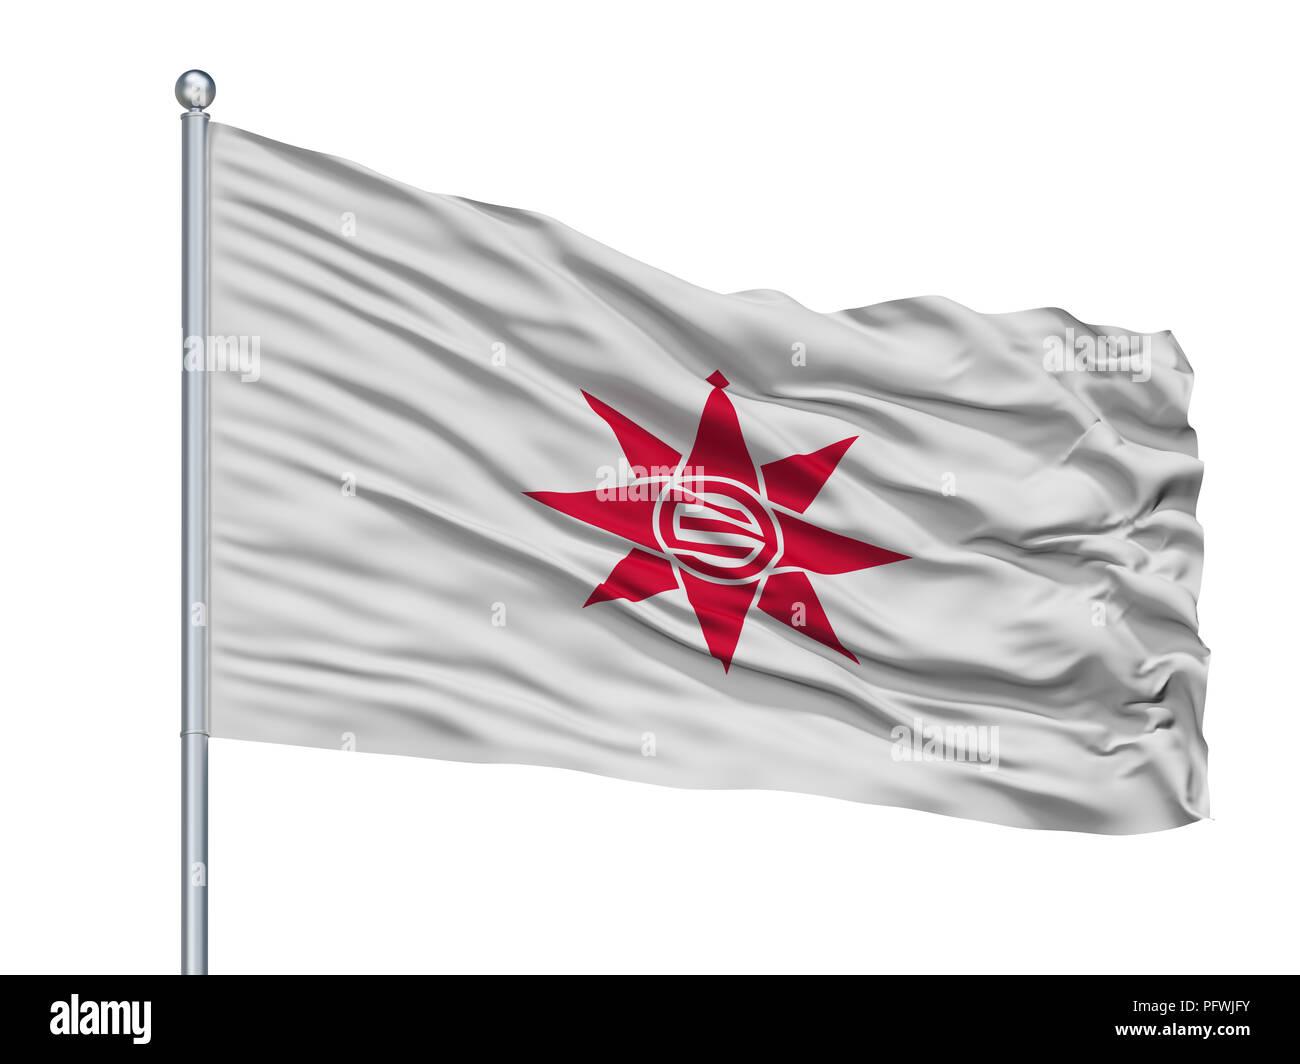 Yokosuka City Flag On Flagpole, Japan, Kanagawa Prefecture, Isolated On White Background - Stock Image